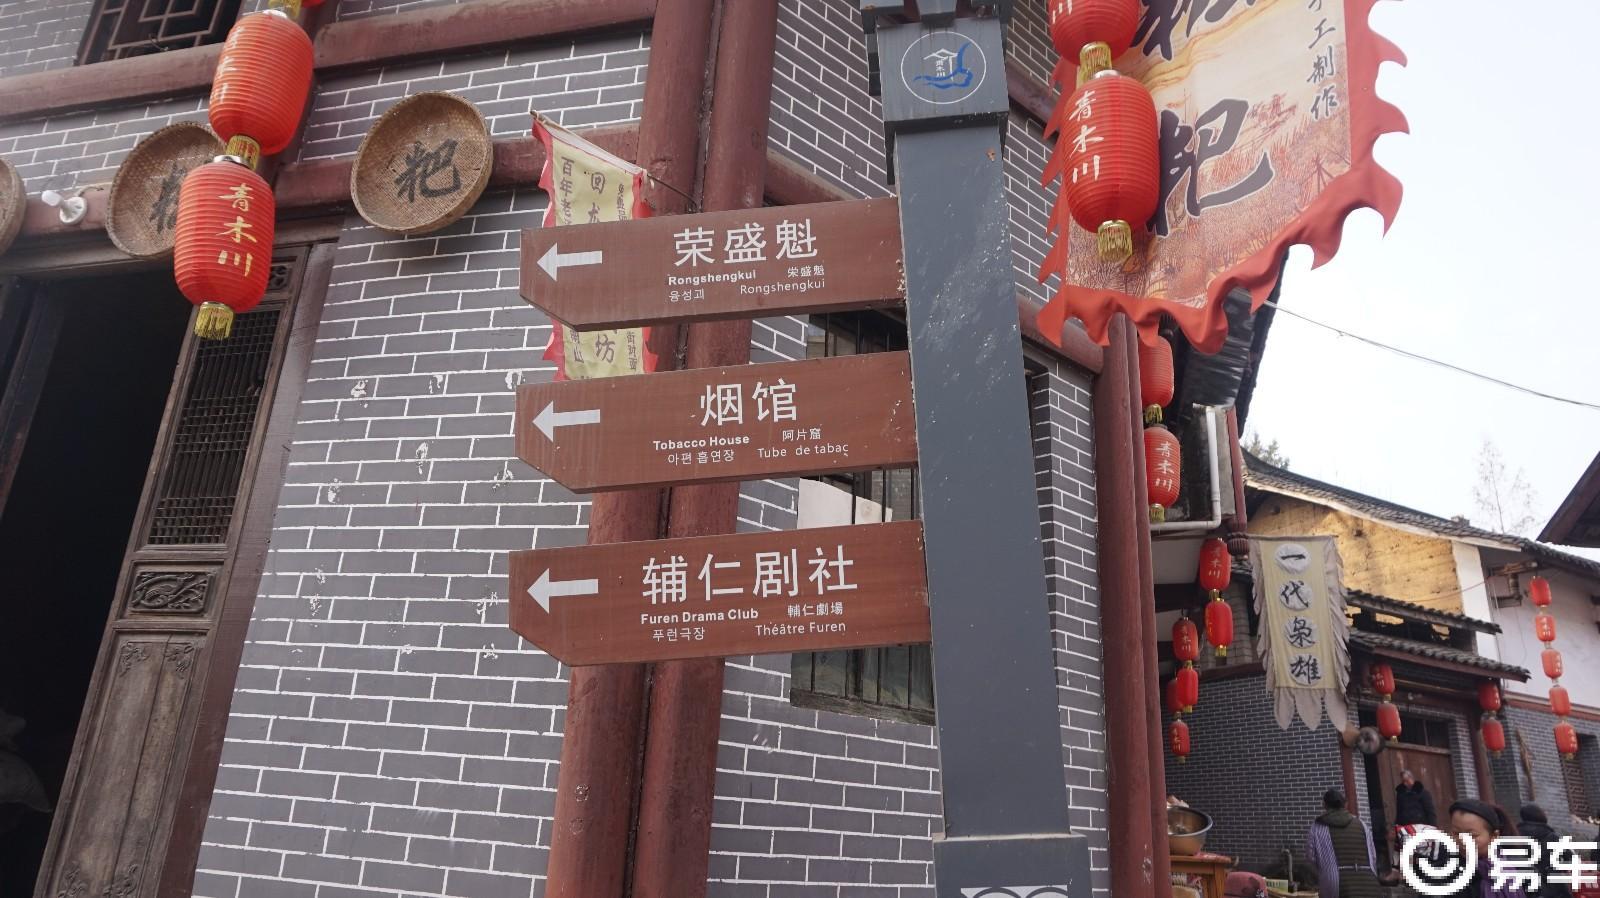 【我在论坛】游青木川古镇